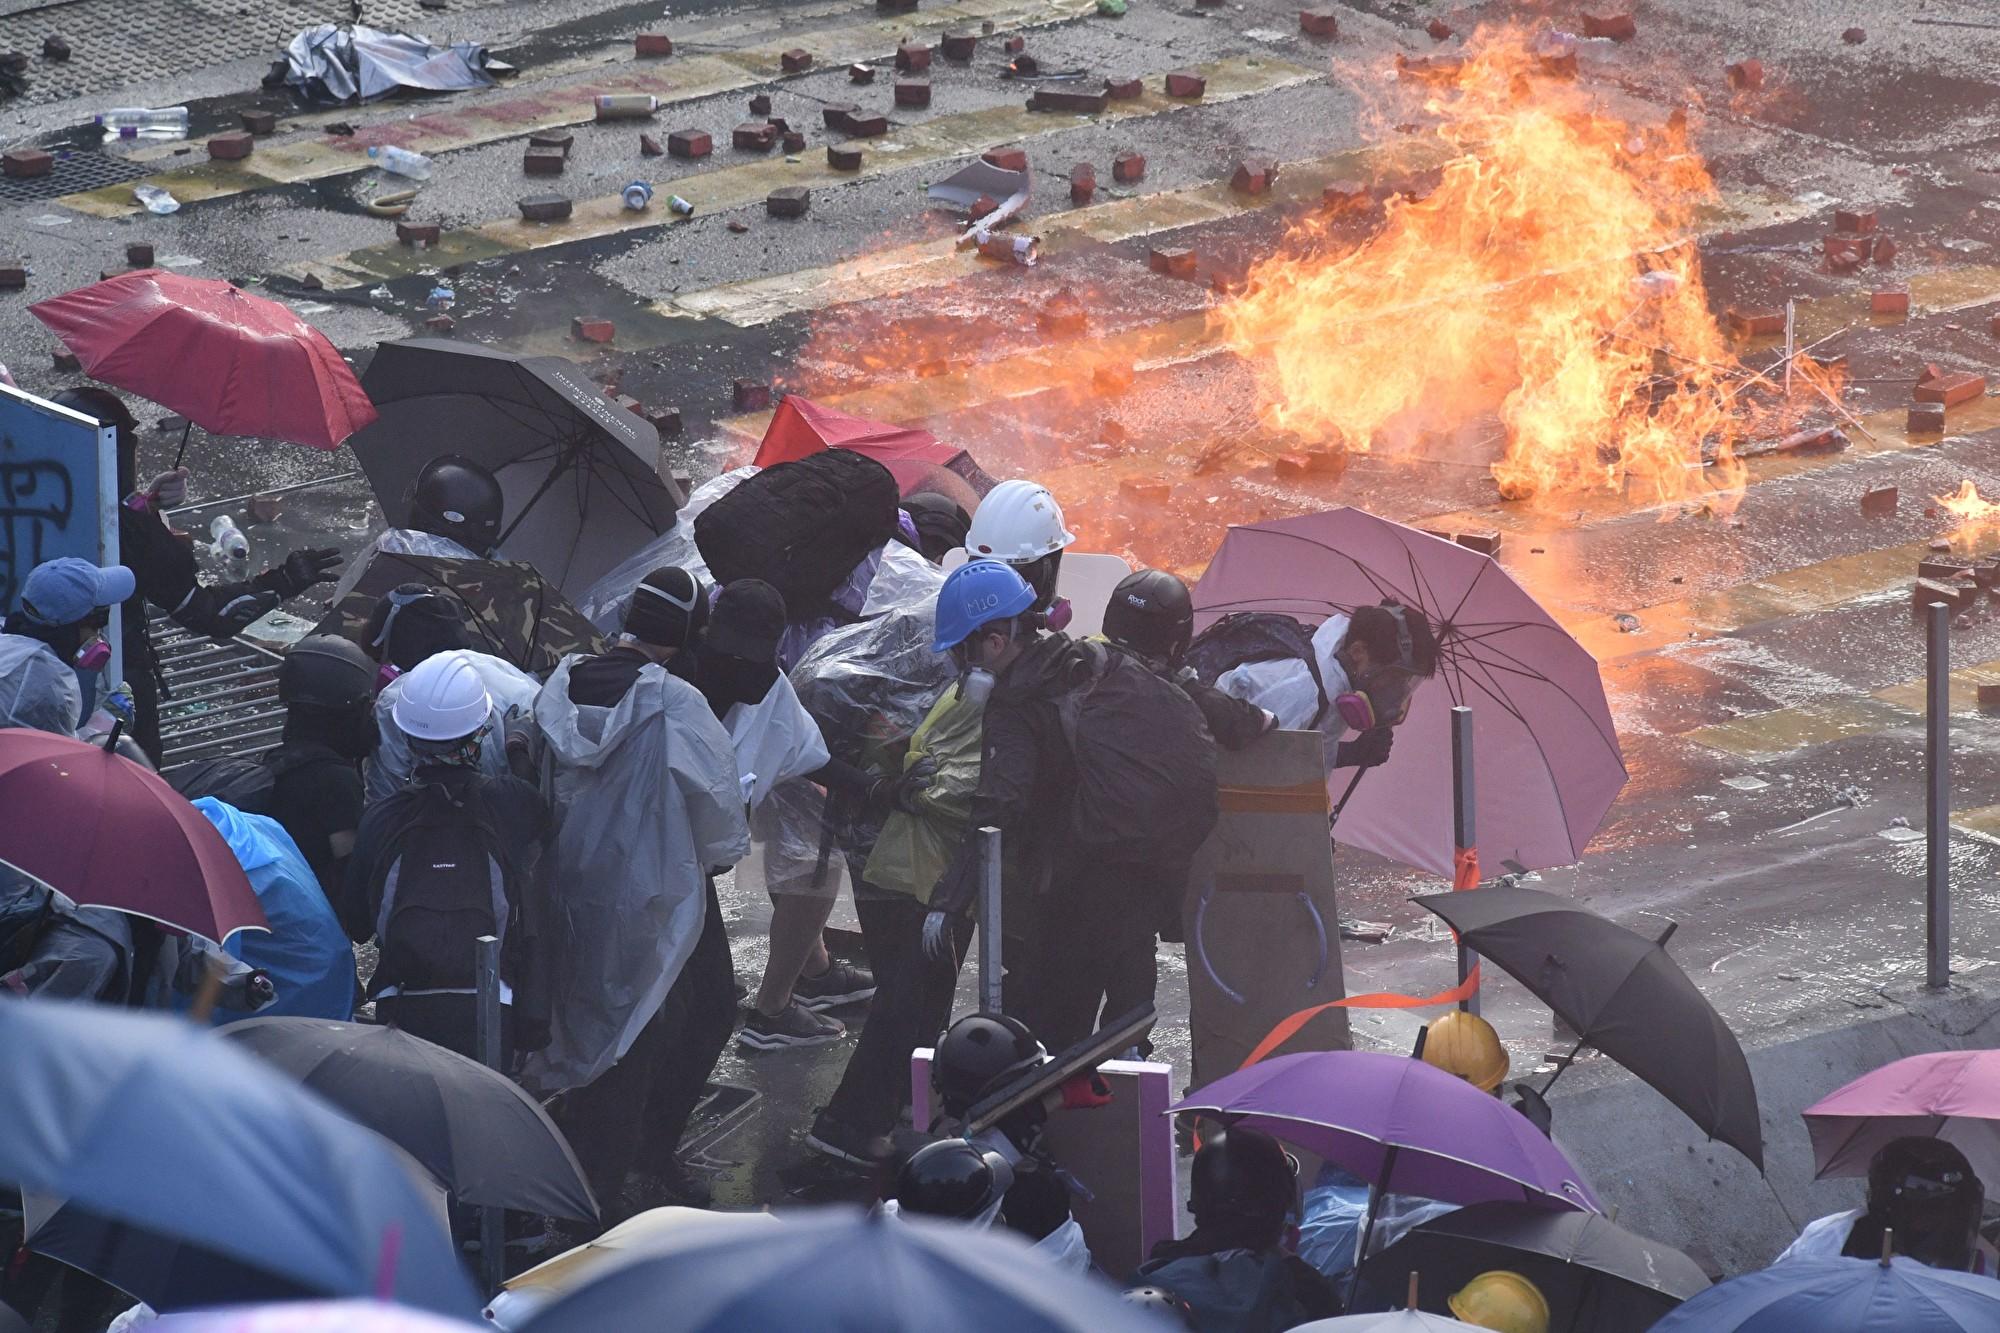 英多位政治家:林鄭有責任避免流血衝突